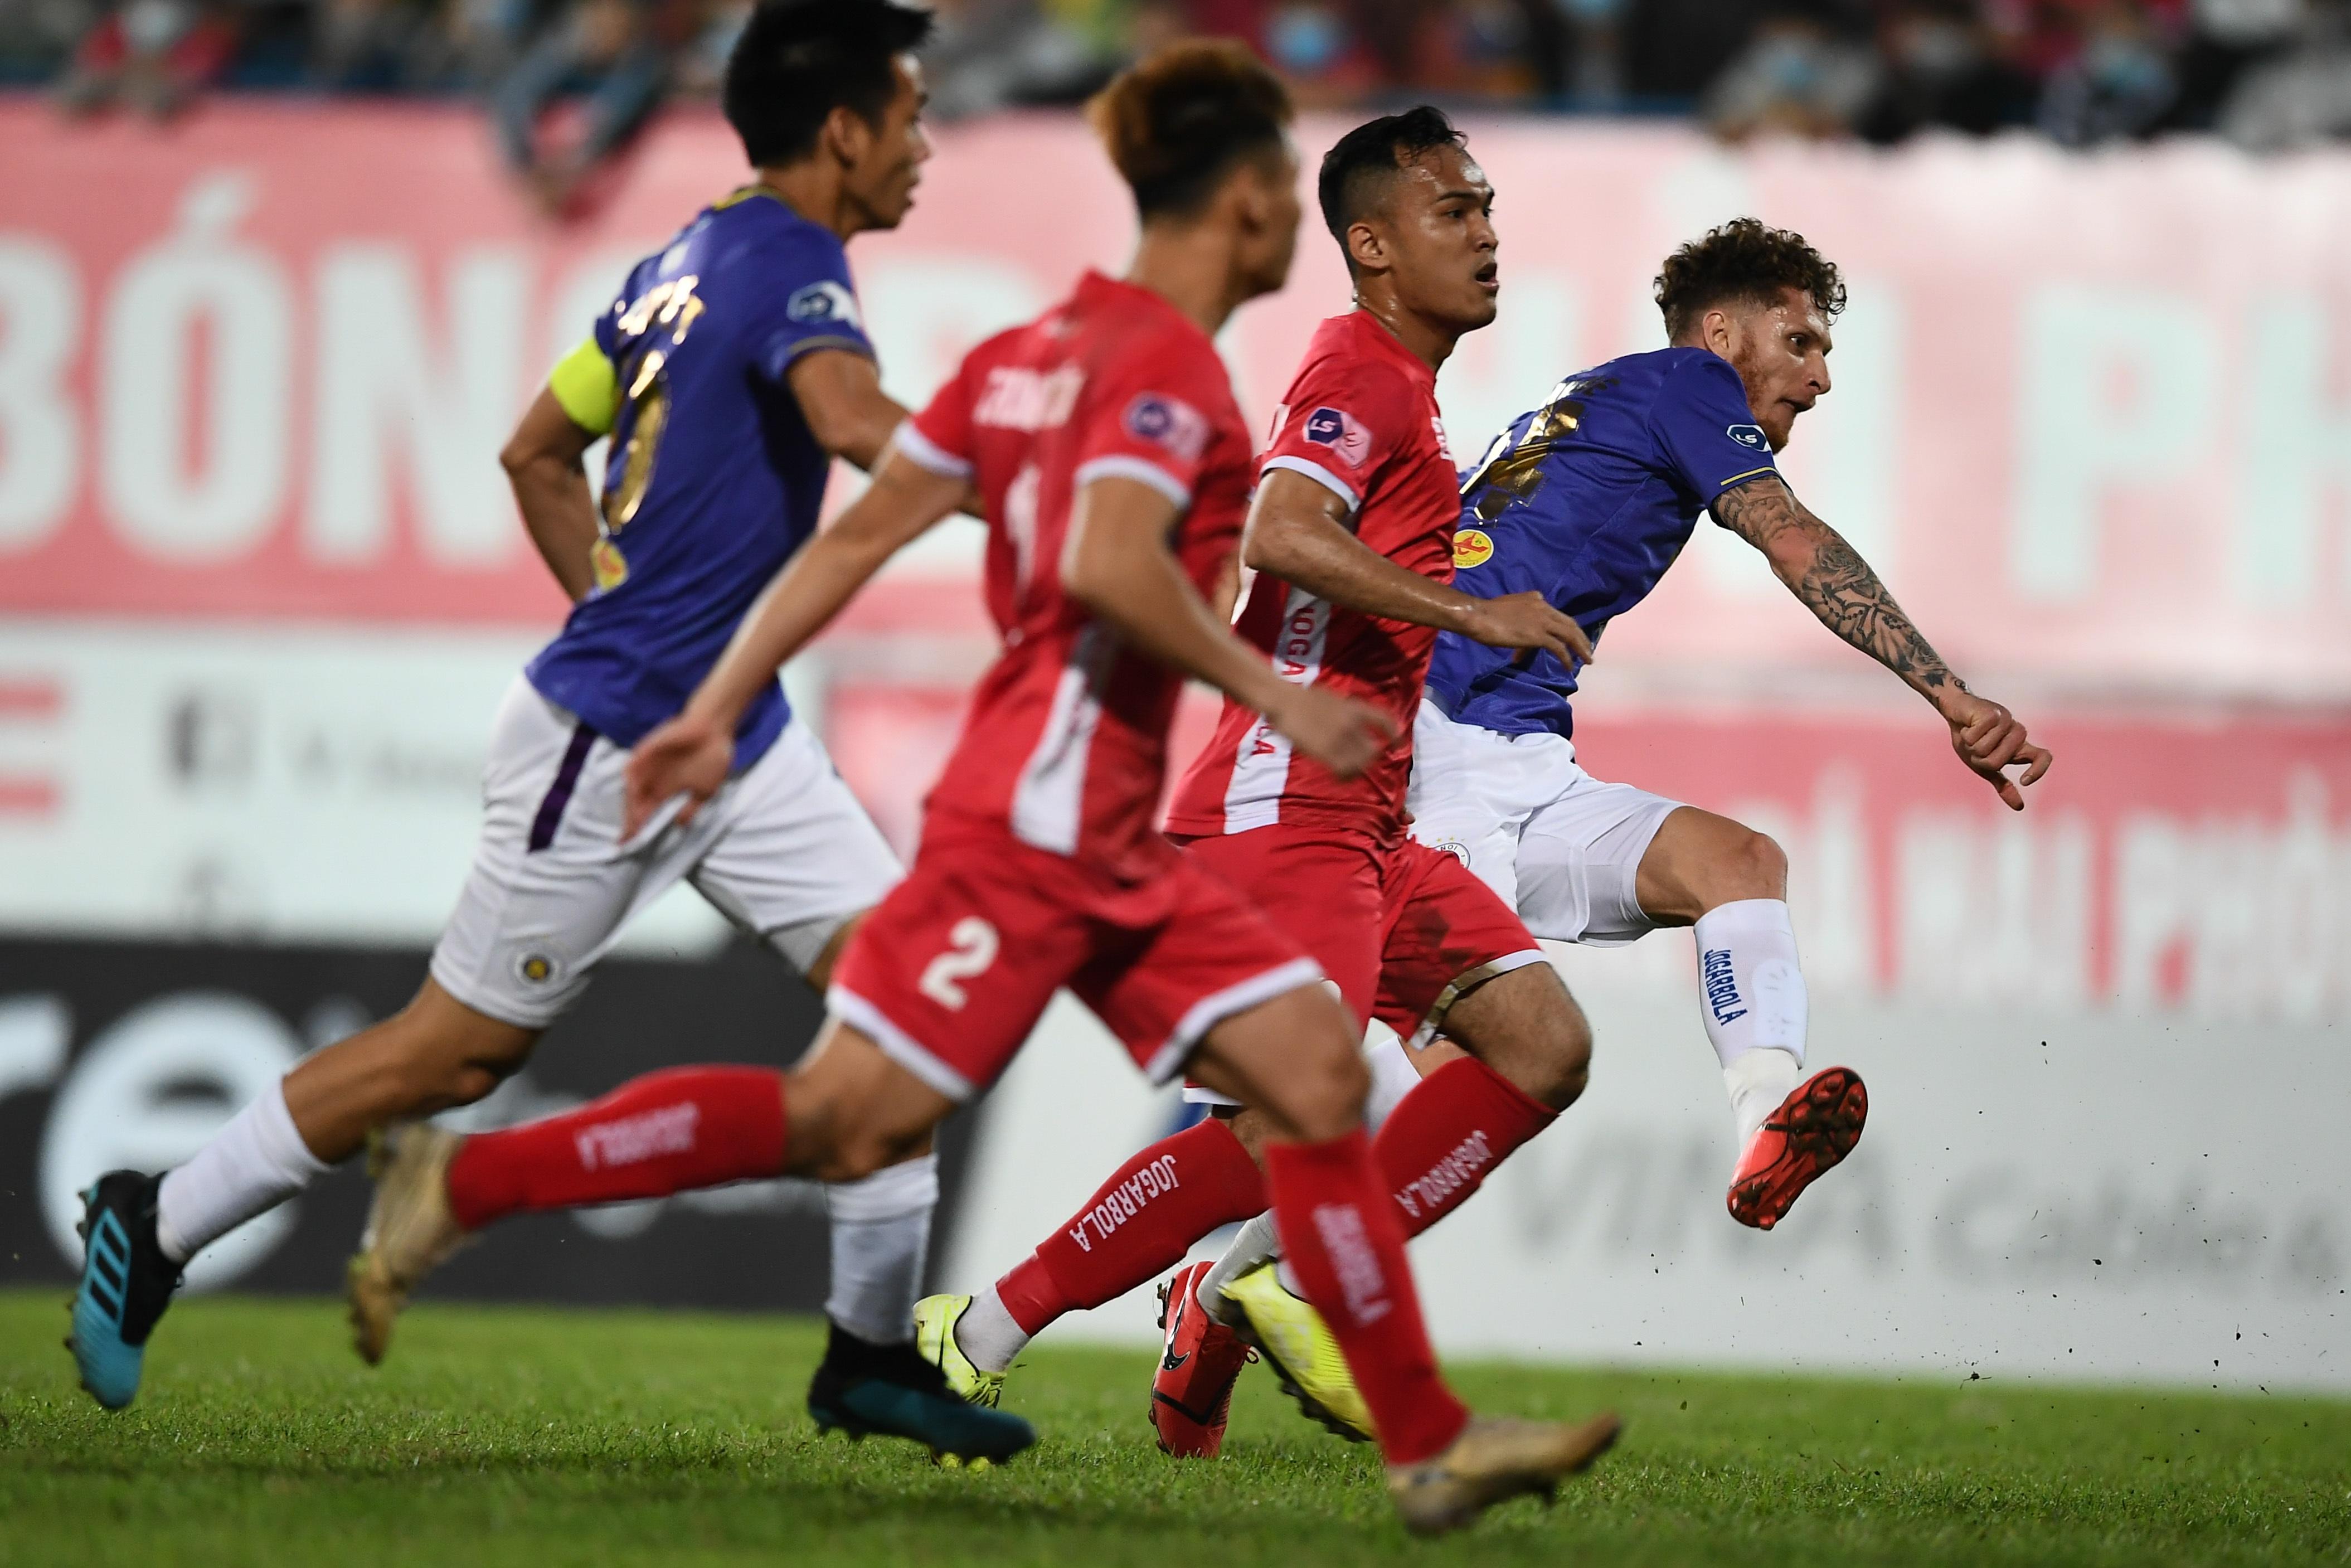 Người hùng Tấn Trường giúp CLB Hà Nội có 3 điểm đầu tiên ở V-League - 8